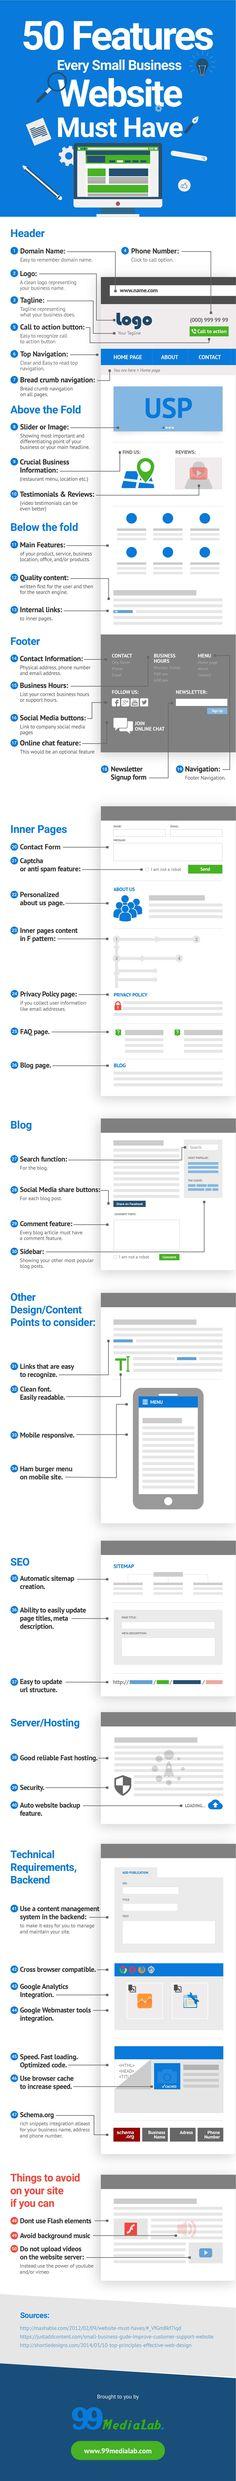 50 Essential Features for Every Small Business Website [Infographic] Clique aqui http://www.estrategiadigital.pt/e-book-gratuito-ferramentas-para-websites/ e faça agora mesmo Download do nosso E-Book Gratuito sobre FERRAMENTAS PARA WEBSITES